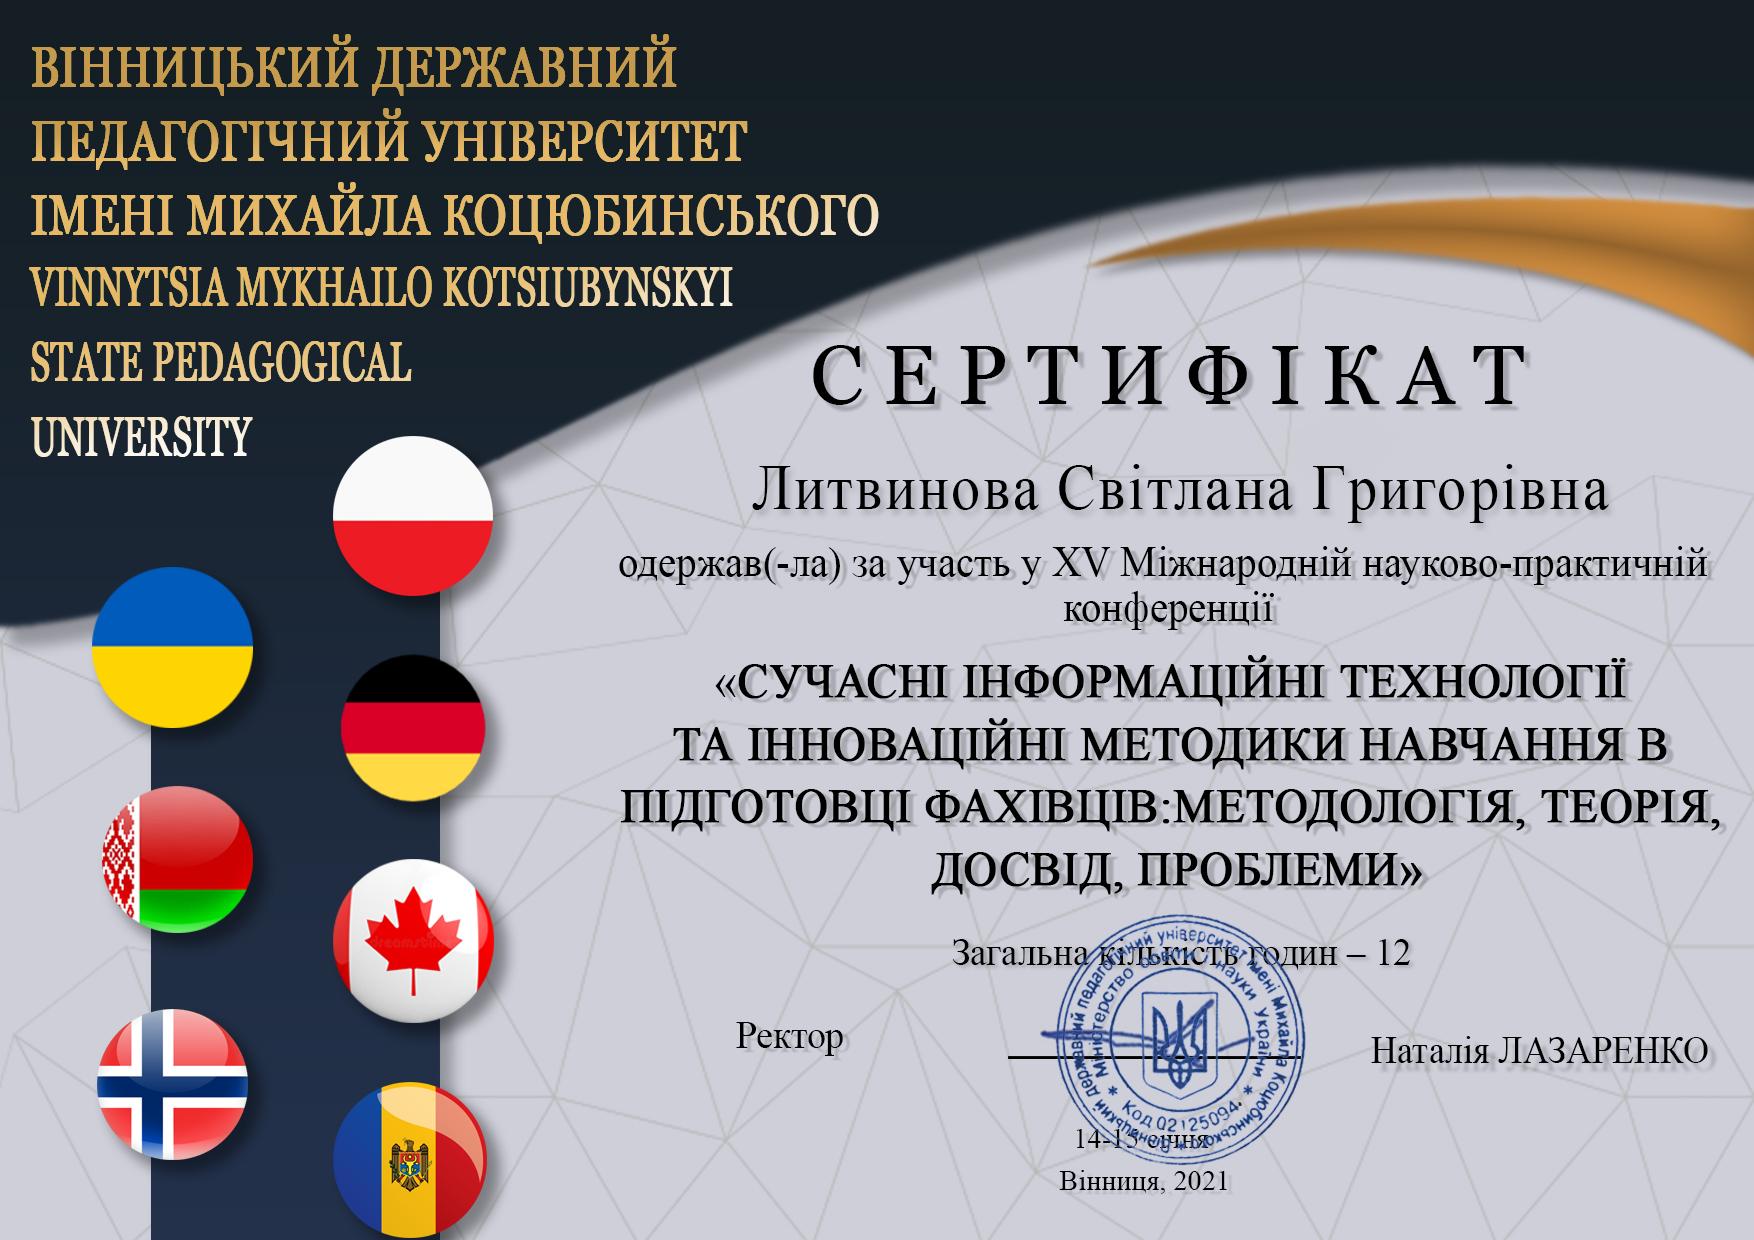 Литвинова Світлана Григорівна